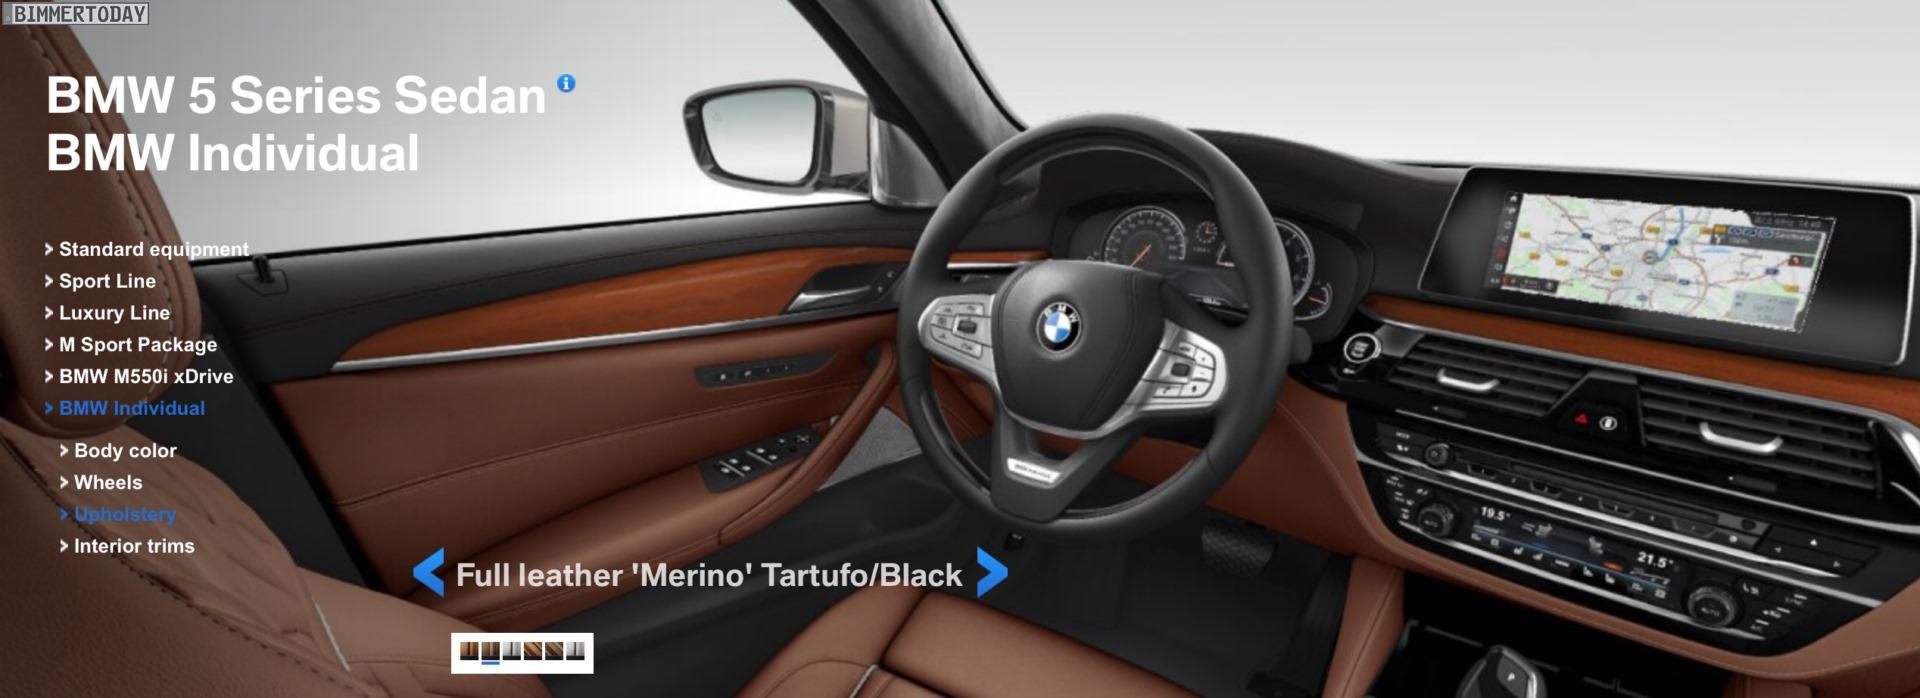 BMW 5er G30: Visualizer zeigt Farben und Ausstattungs-Lines